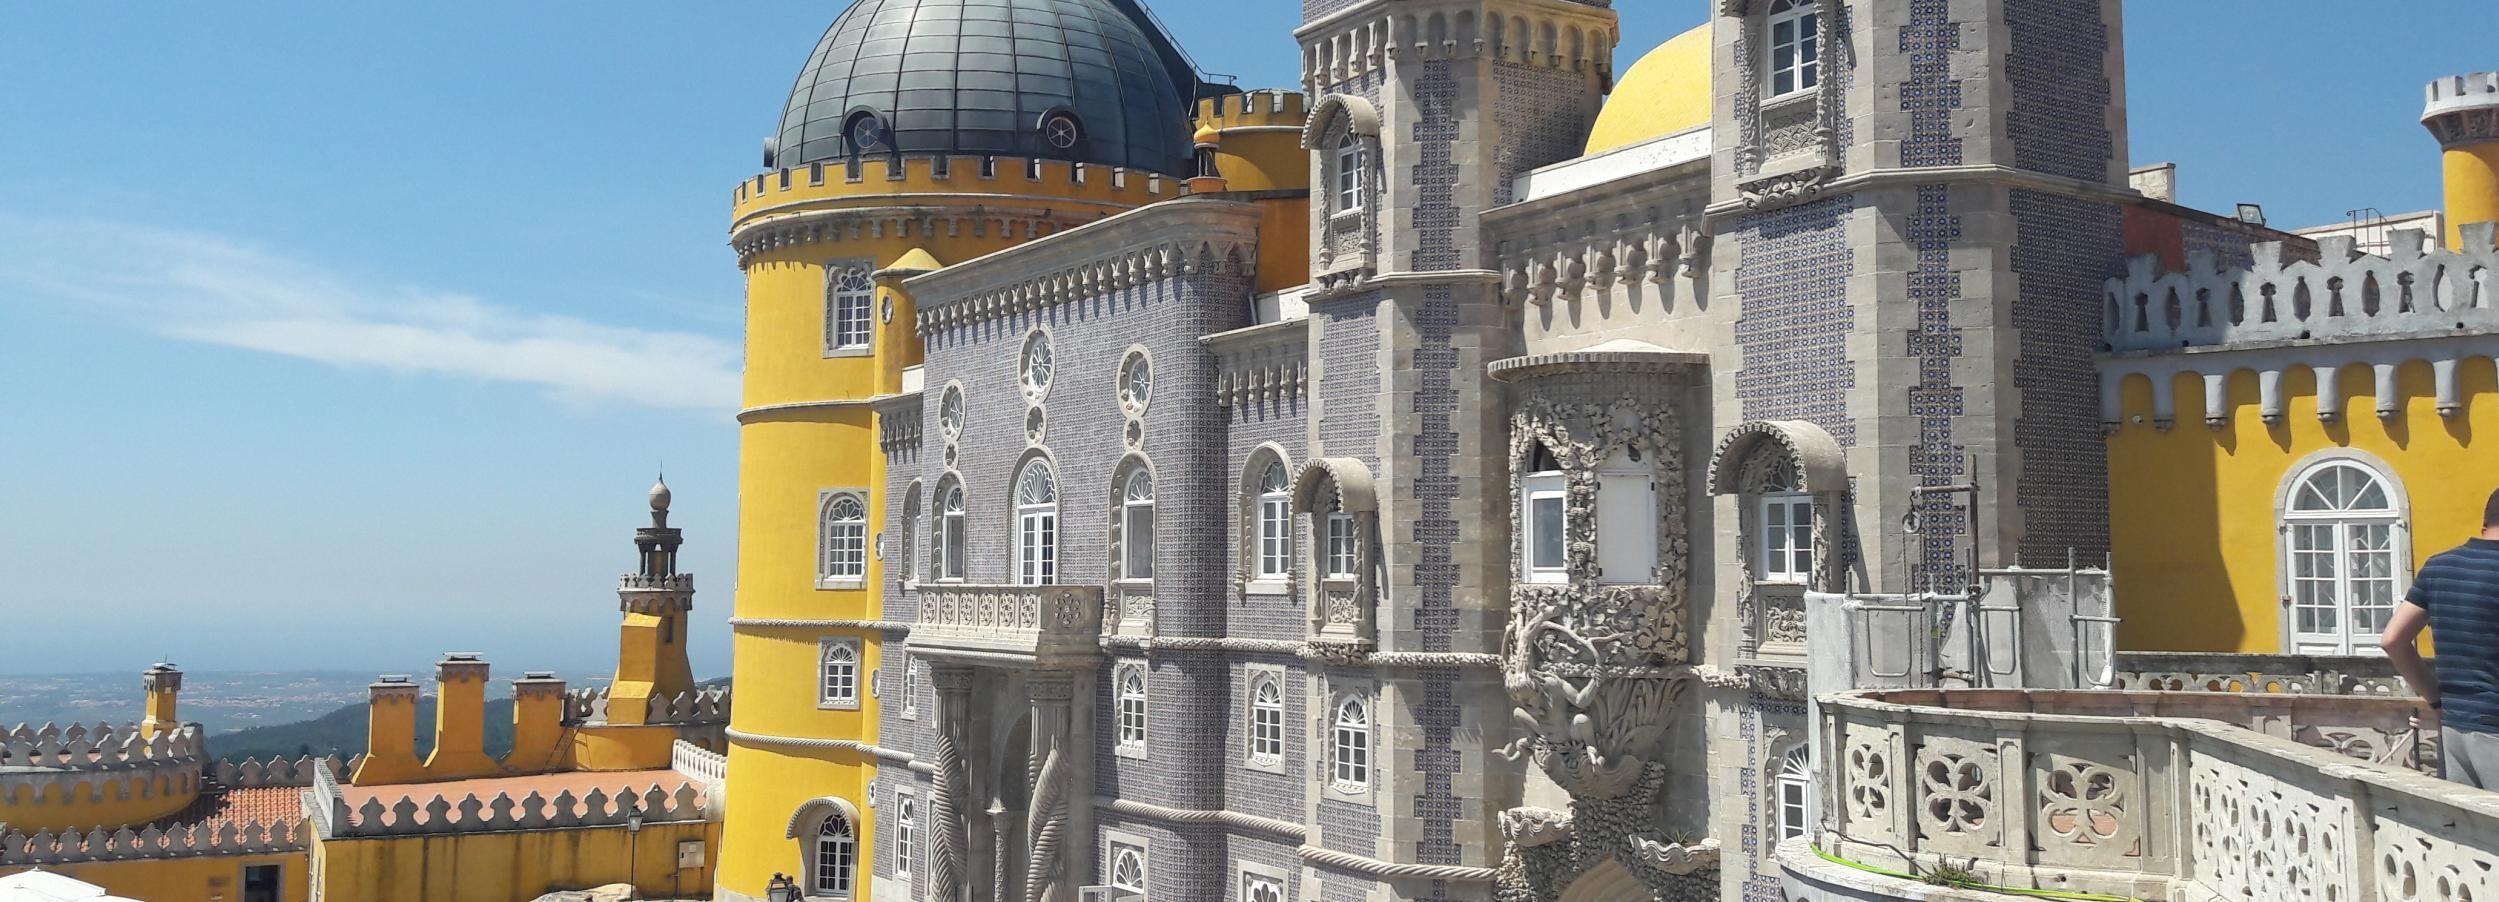 De Lisboa: Excursão Best Of Sintra e Cascais